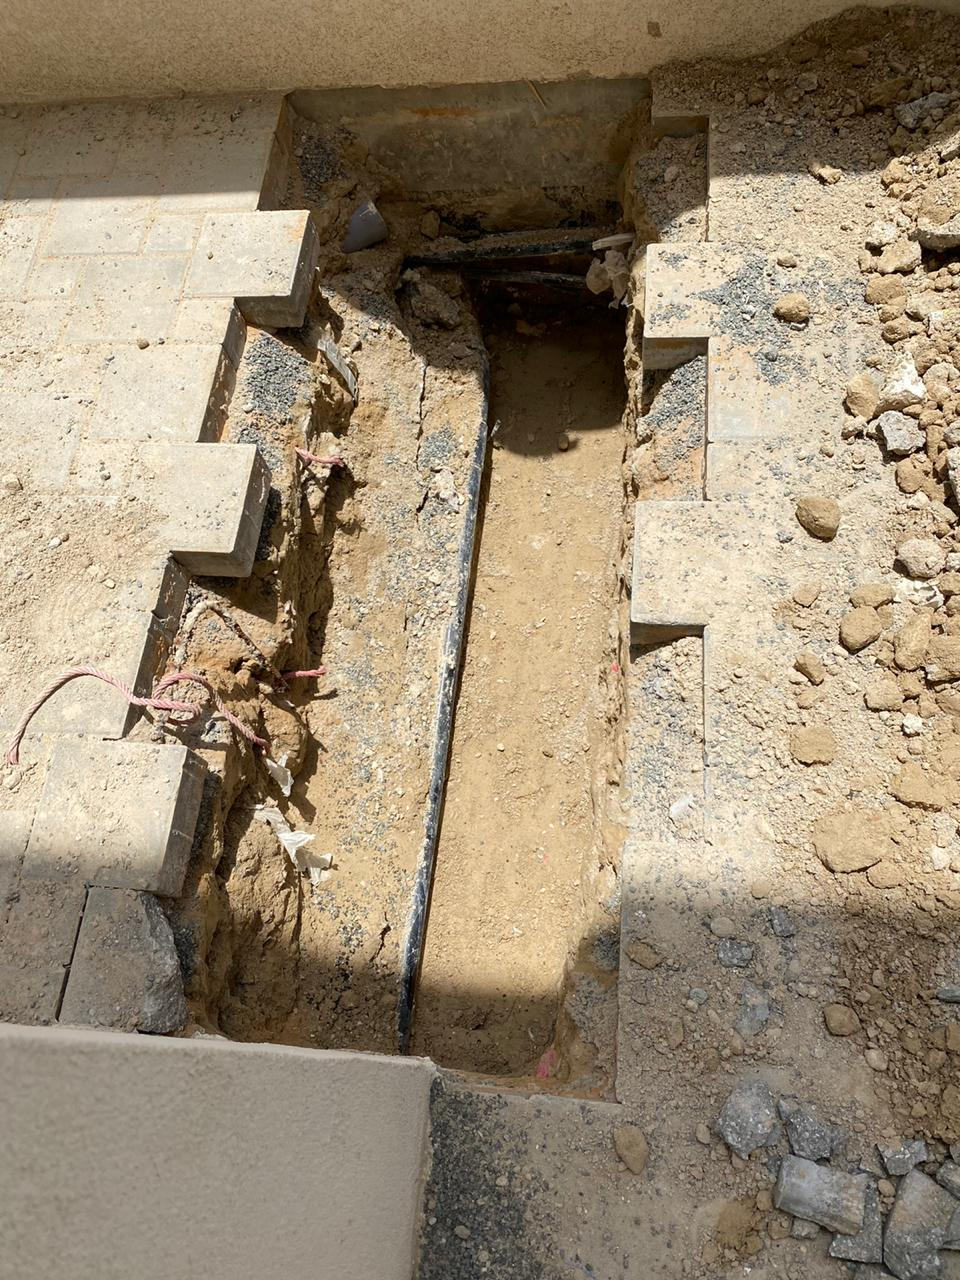 بدء اعمال الحفر لمطبخ خارجي في ويست ياس